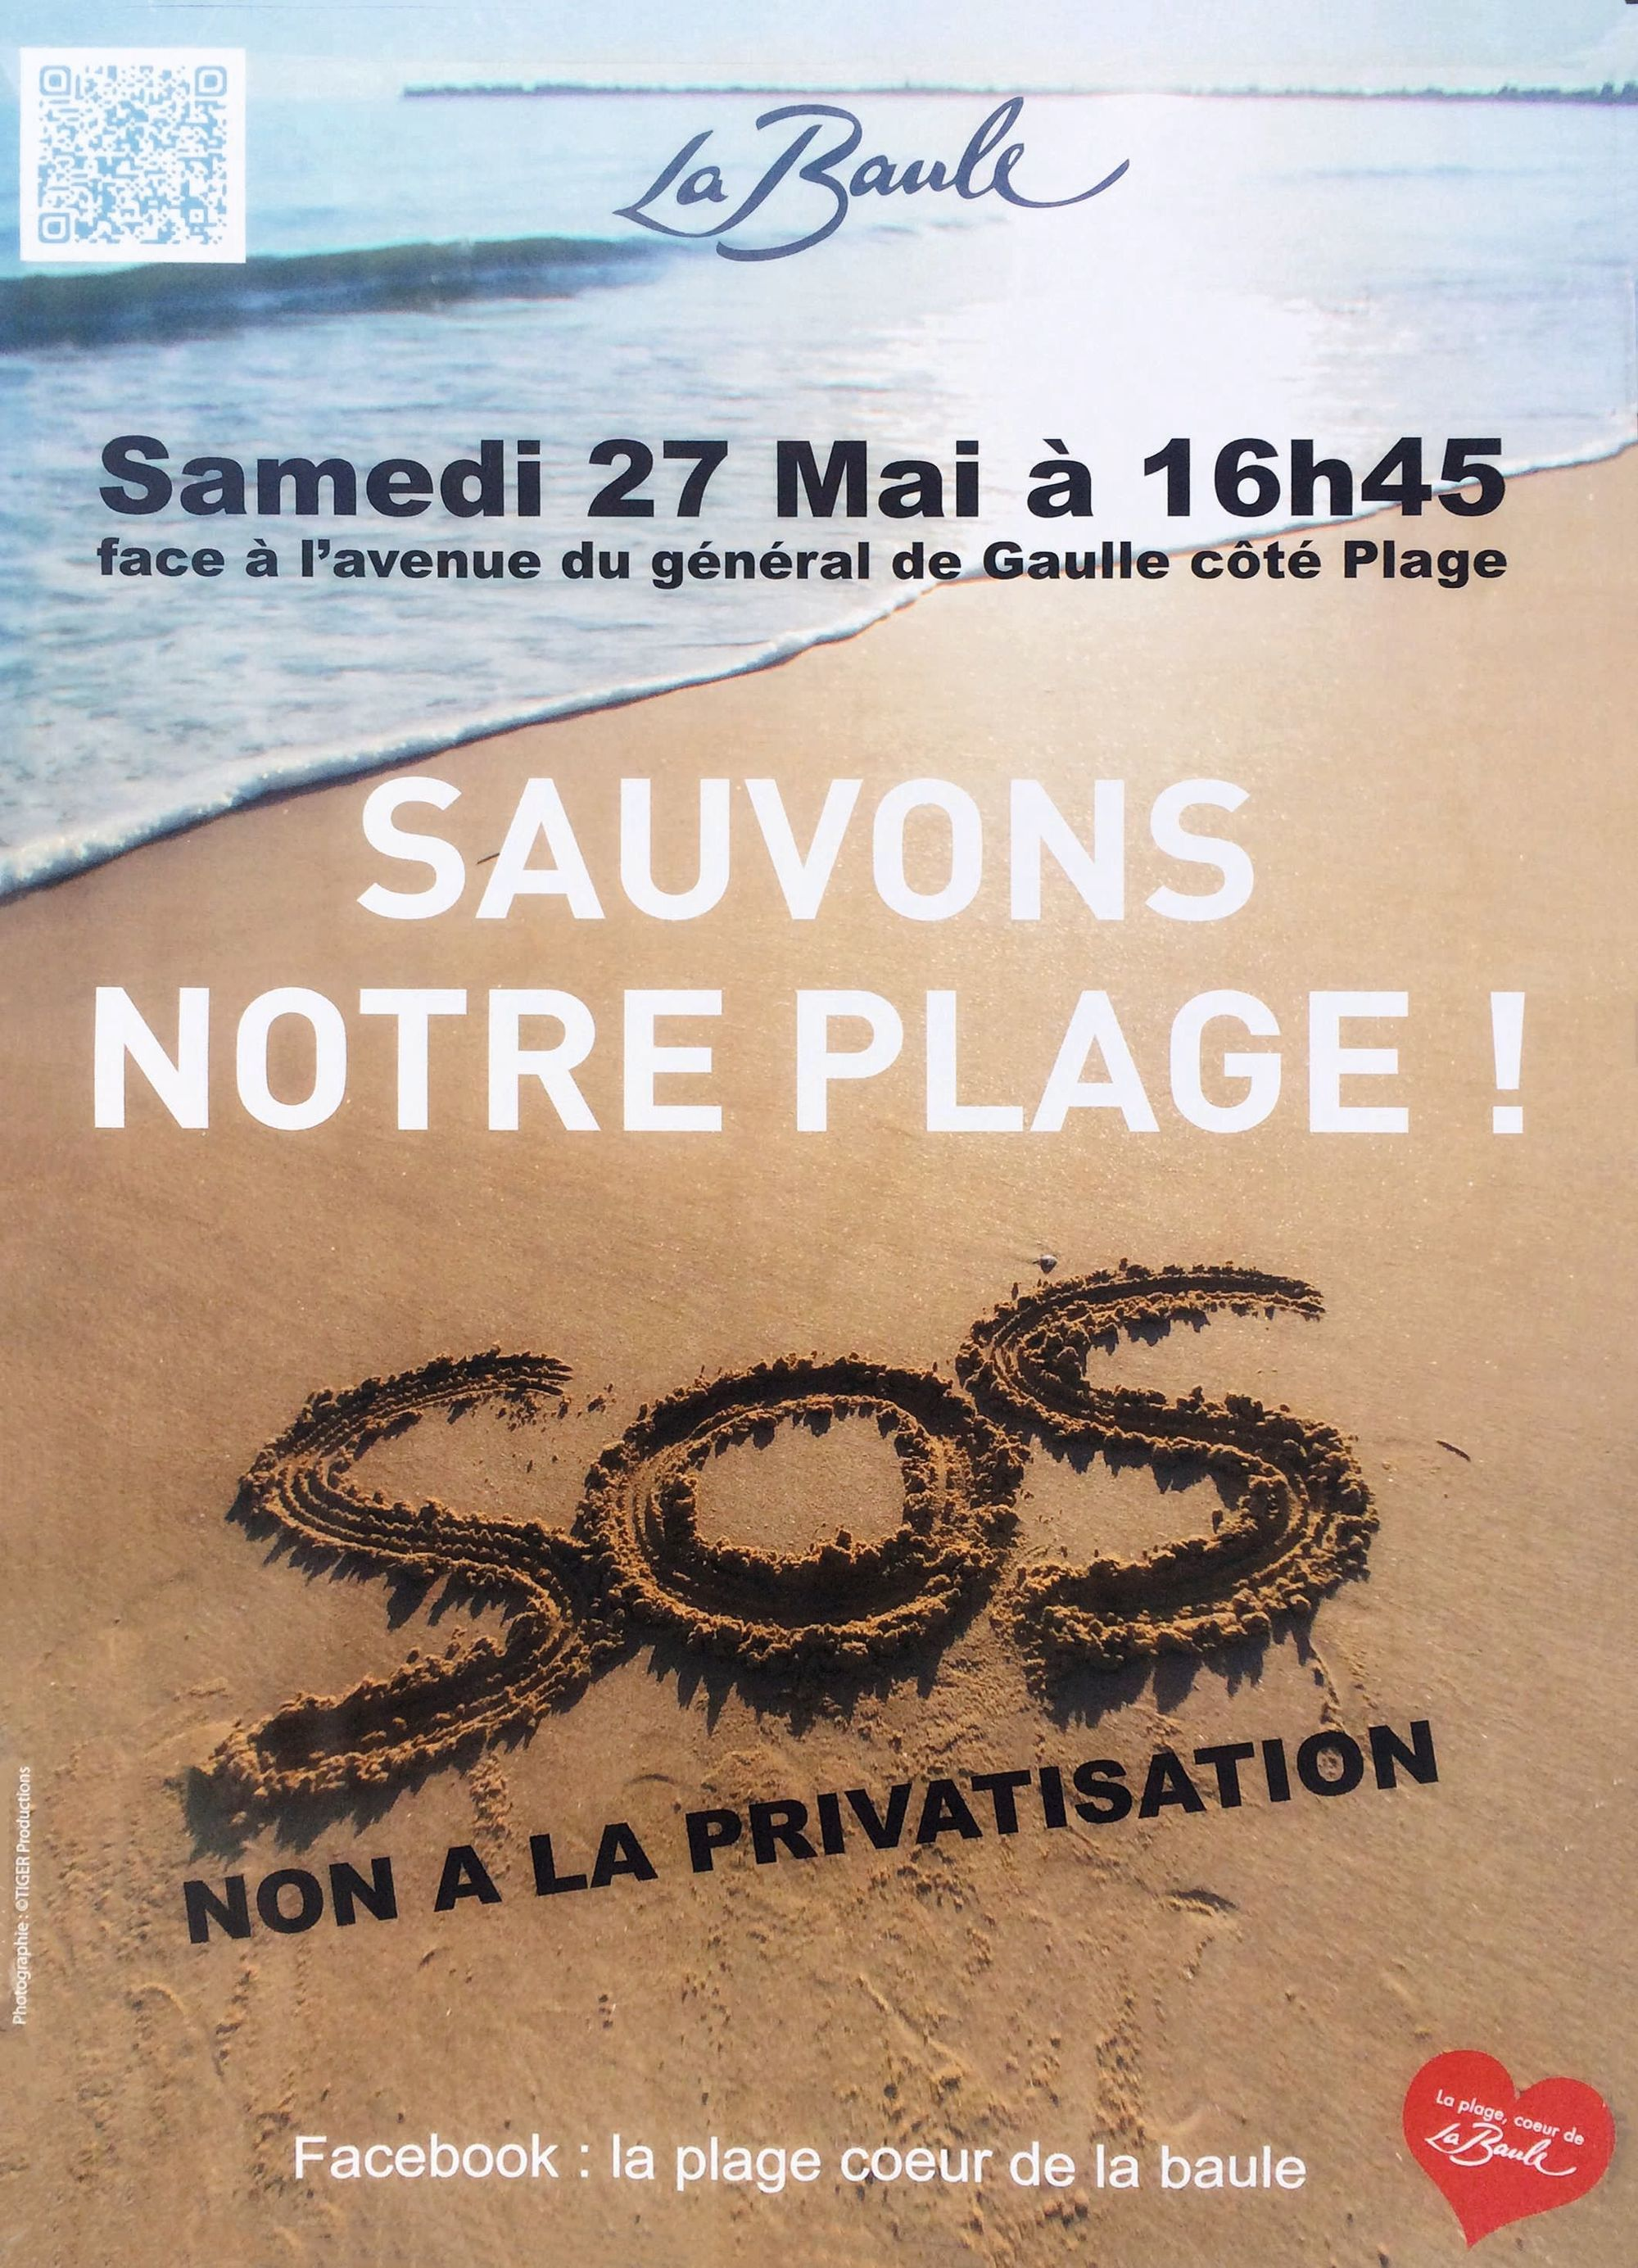 Affiche appelant à une manifestation contre la « privatisation » de la plage en 2017.